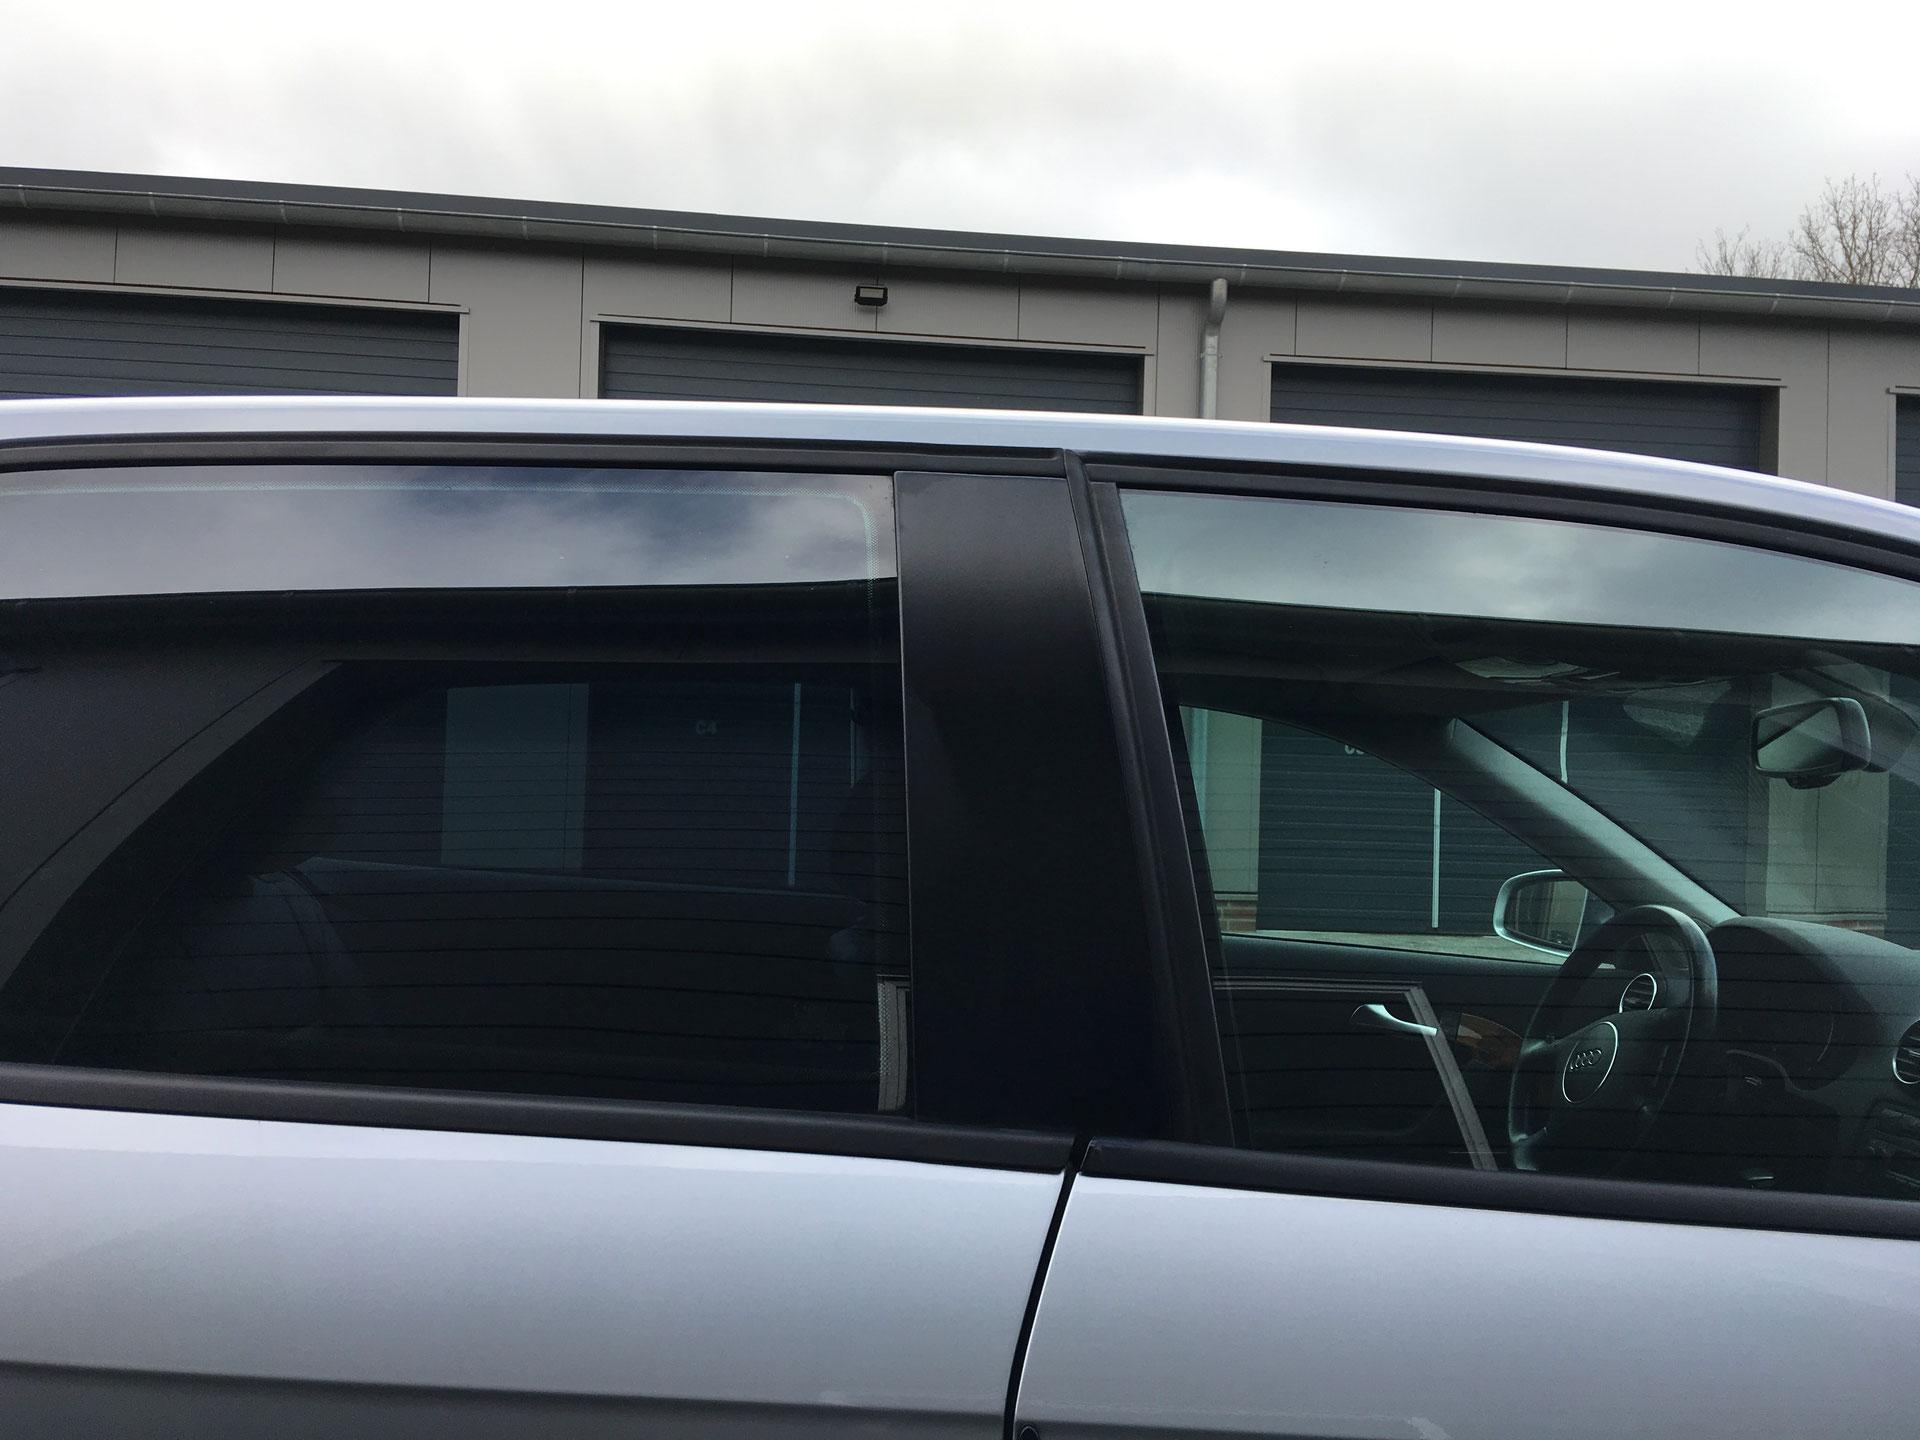 Full Size of Auto Fenster Folie Scheibentnung Aufbereitung Oldenburg Innenraumaufbereitung Aluminium Gebrauchte Kaufen Velux Einbauen Sicherheitsfolie Klebefolie Rollo Fenster Auto Fenster Folie